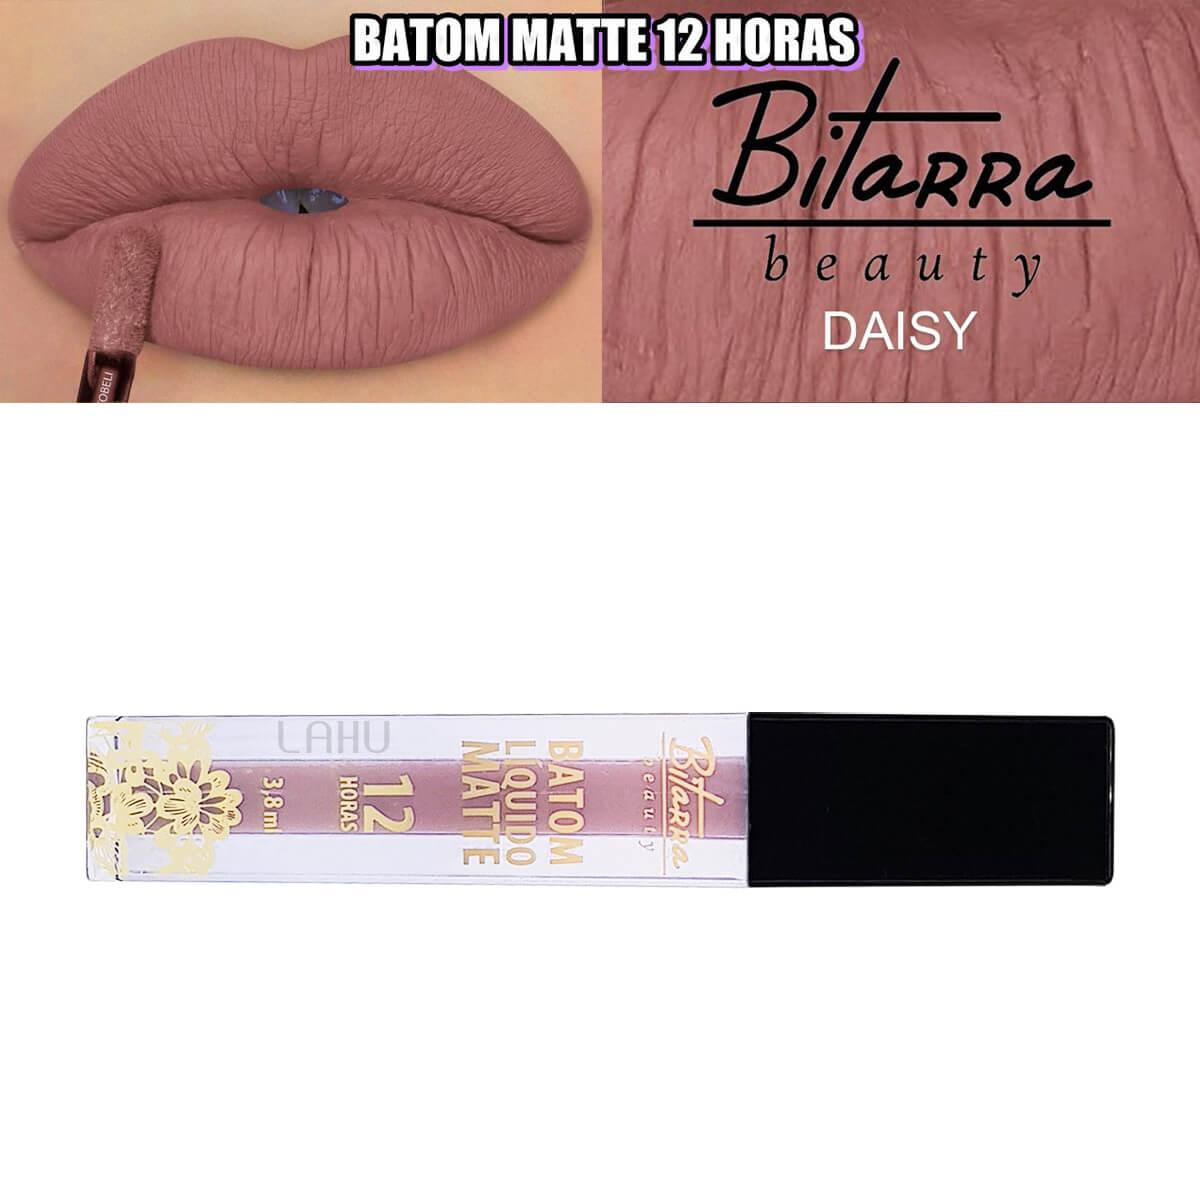 Batom Liquido Matte Bitarra 12 Horas - Daisy